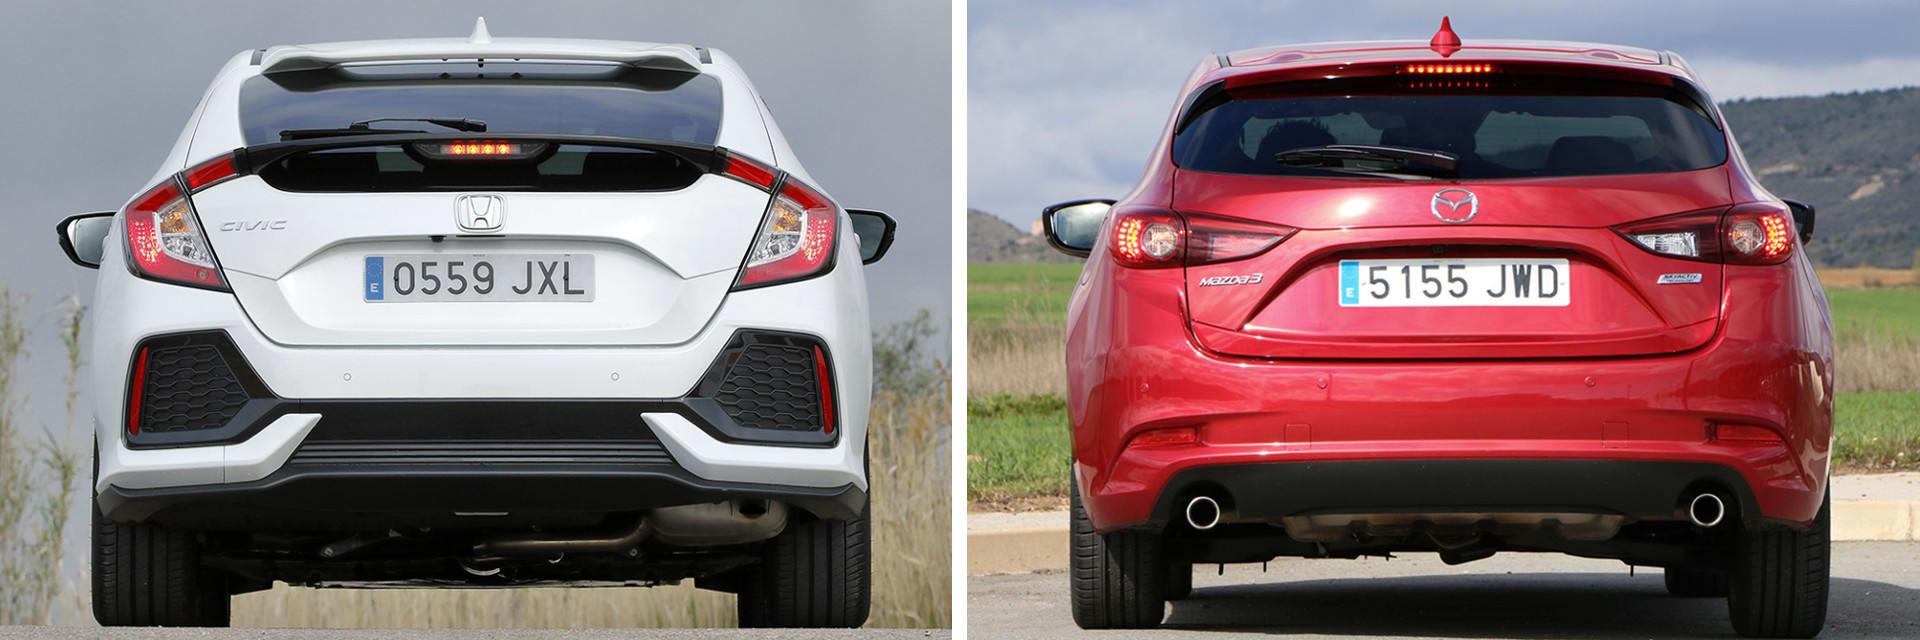 El Mazda3 Zenith (dcha.) viene de serie con una luz de freno de intensidad variable, algo que en el Honda (izq.) no está disponible ni como opción.